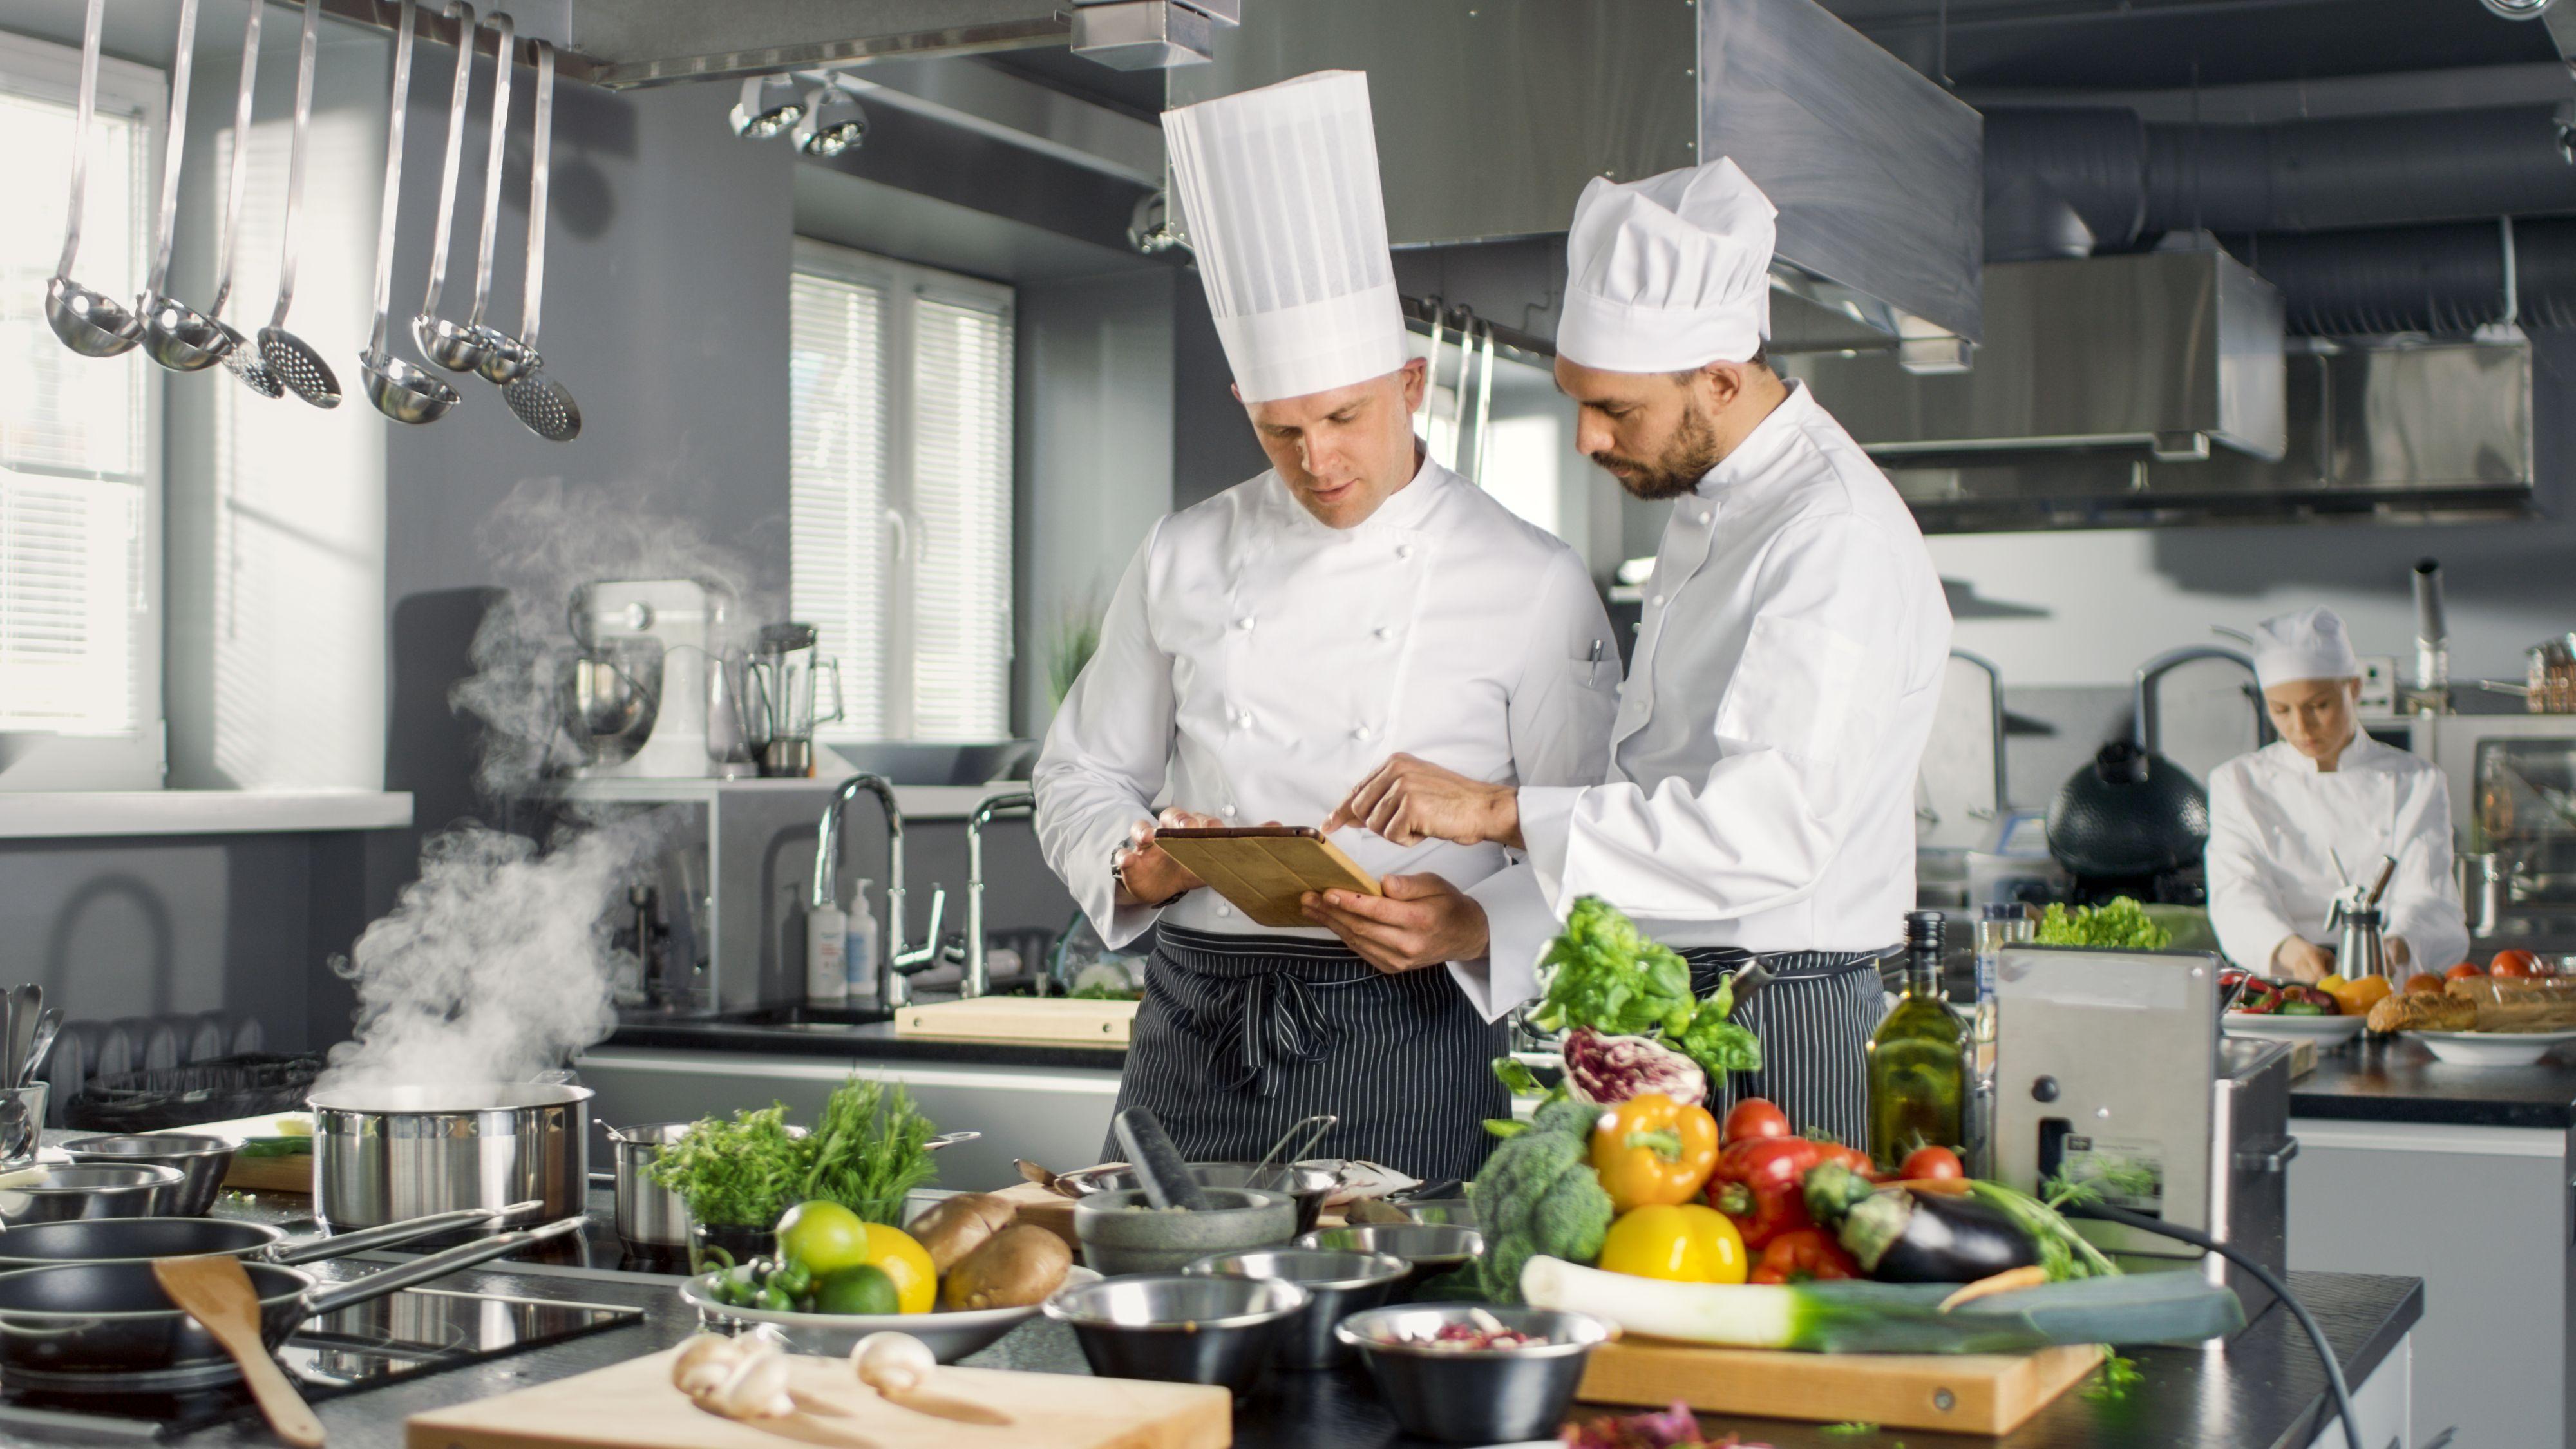 Okazuje się, że także podczas gotowania można rozwinąć swoje kompetencje zawodowe. (Fot. Shutterstock)